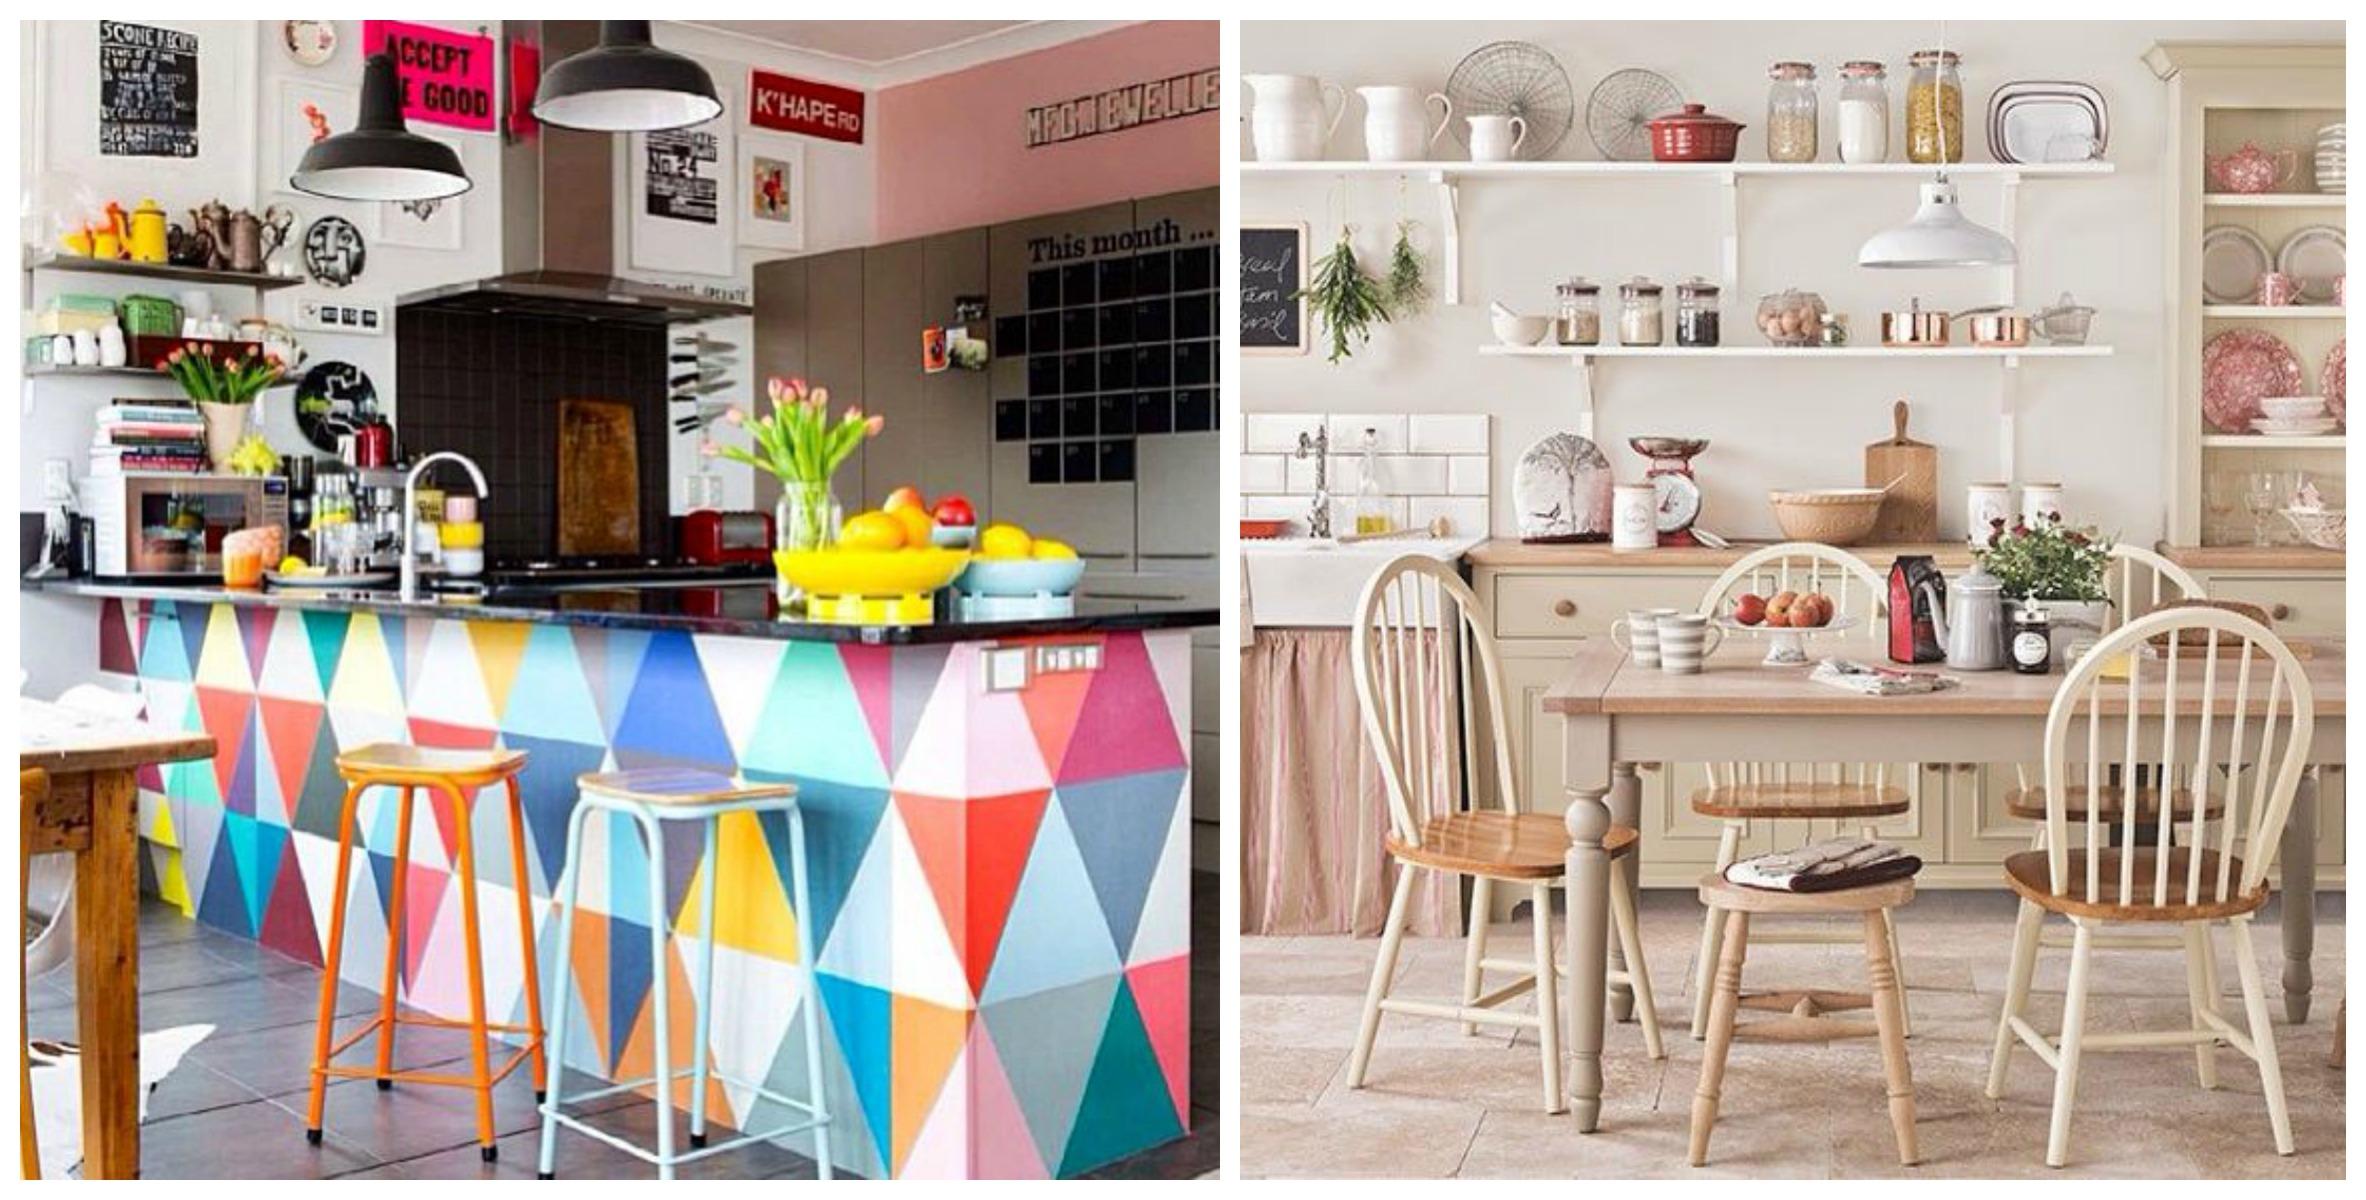 Cozinhas dos sonhos no Pinterest Colirio Rosa #AB5E20 2366 1200